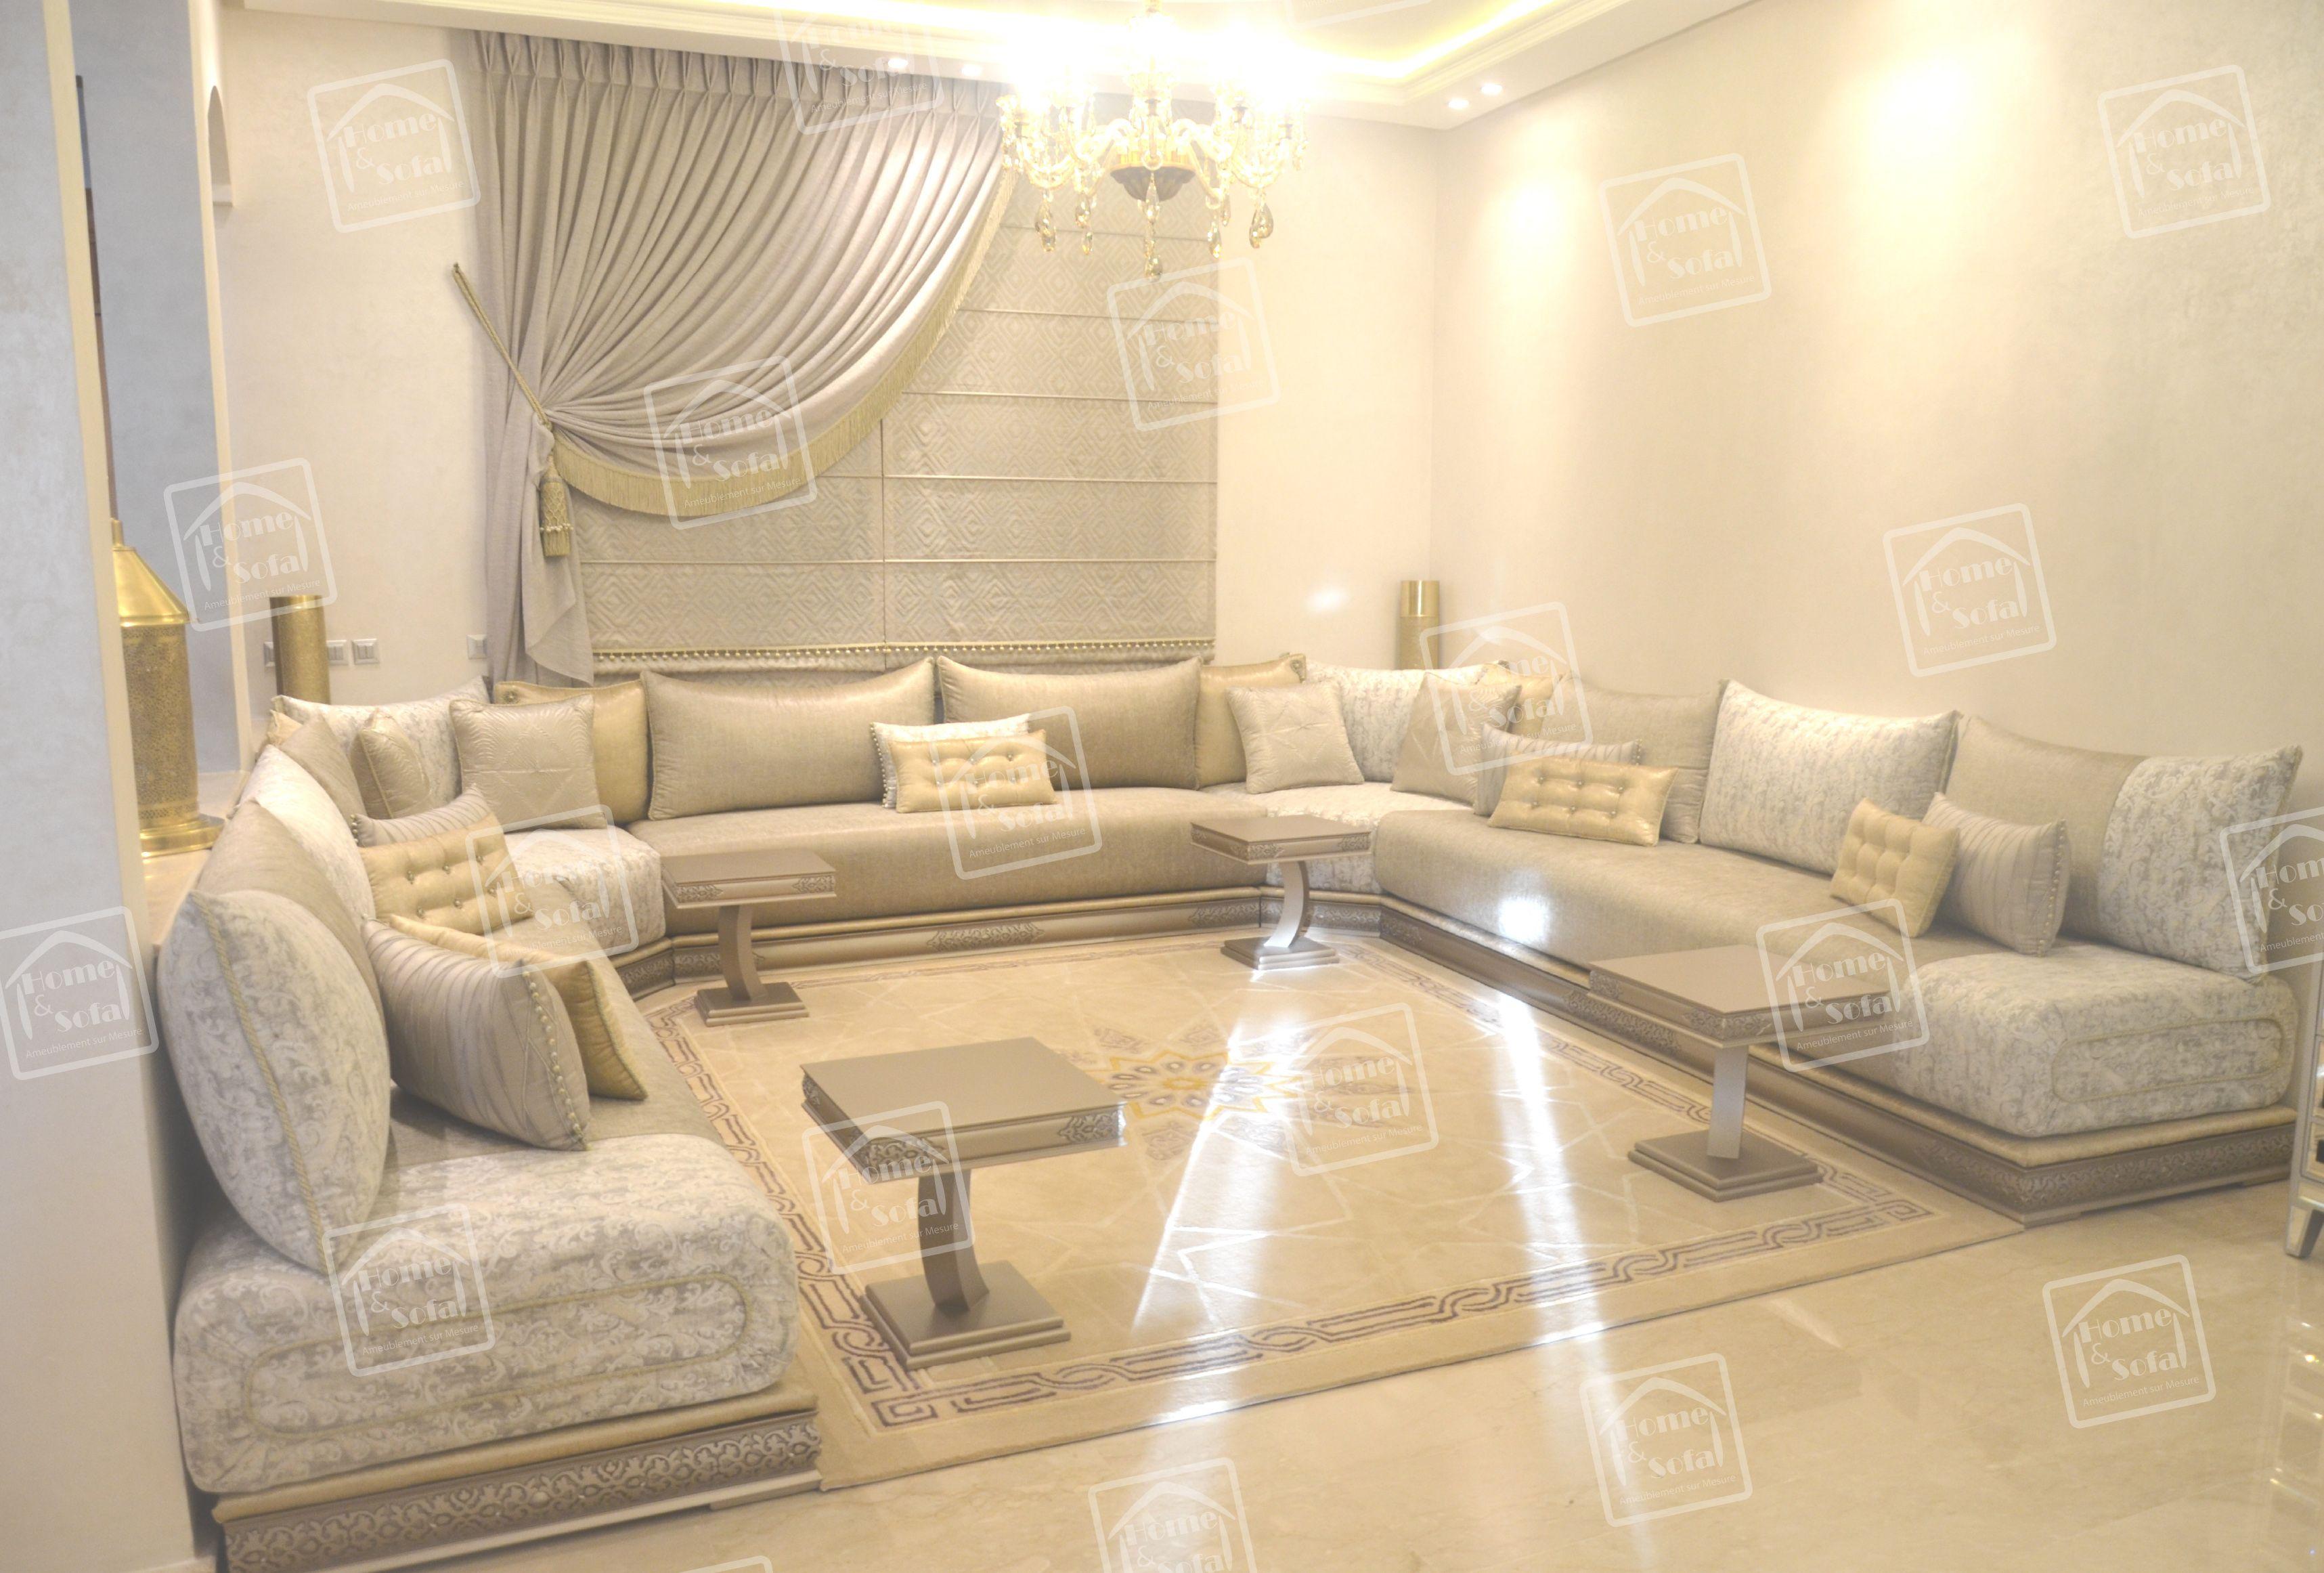 Home and Sofa - texture, agencements de couleurs et ...